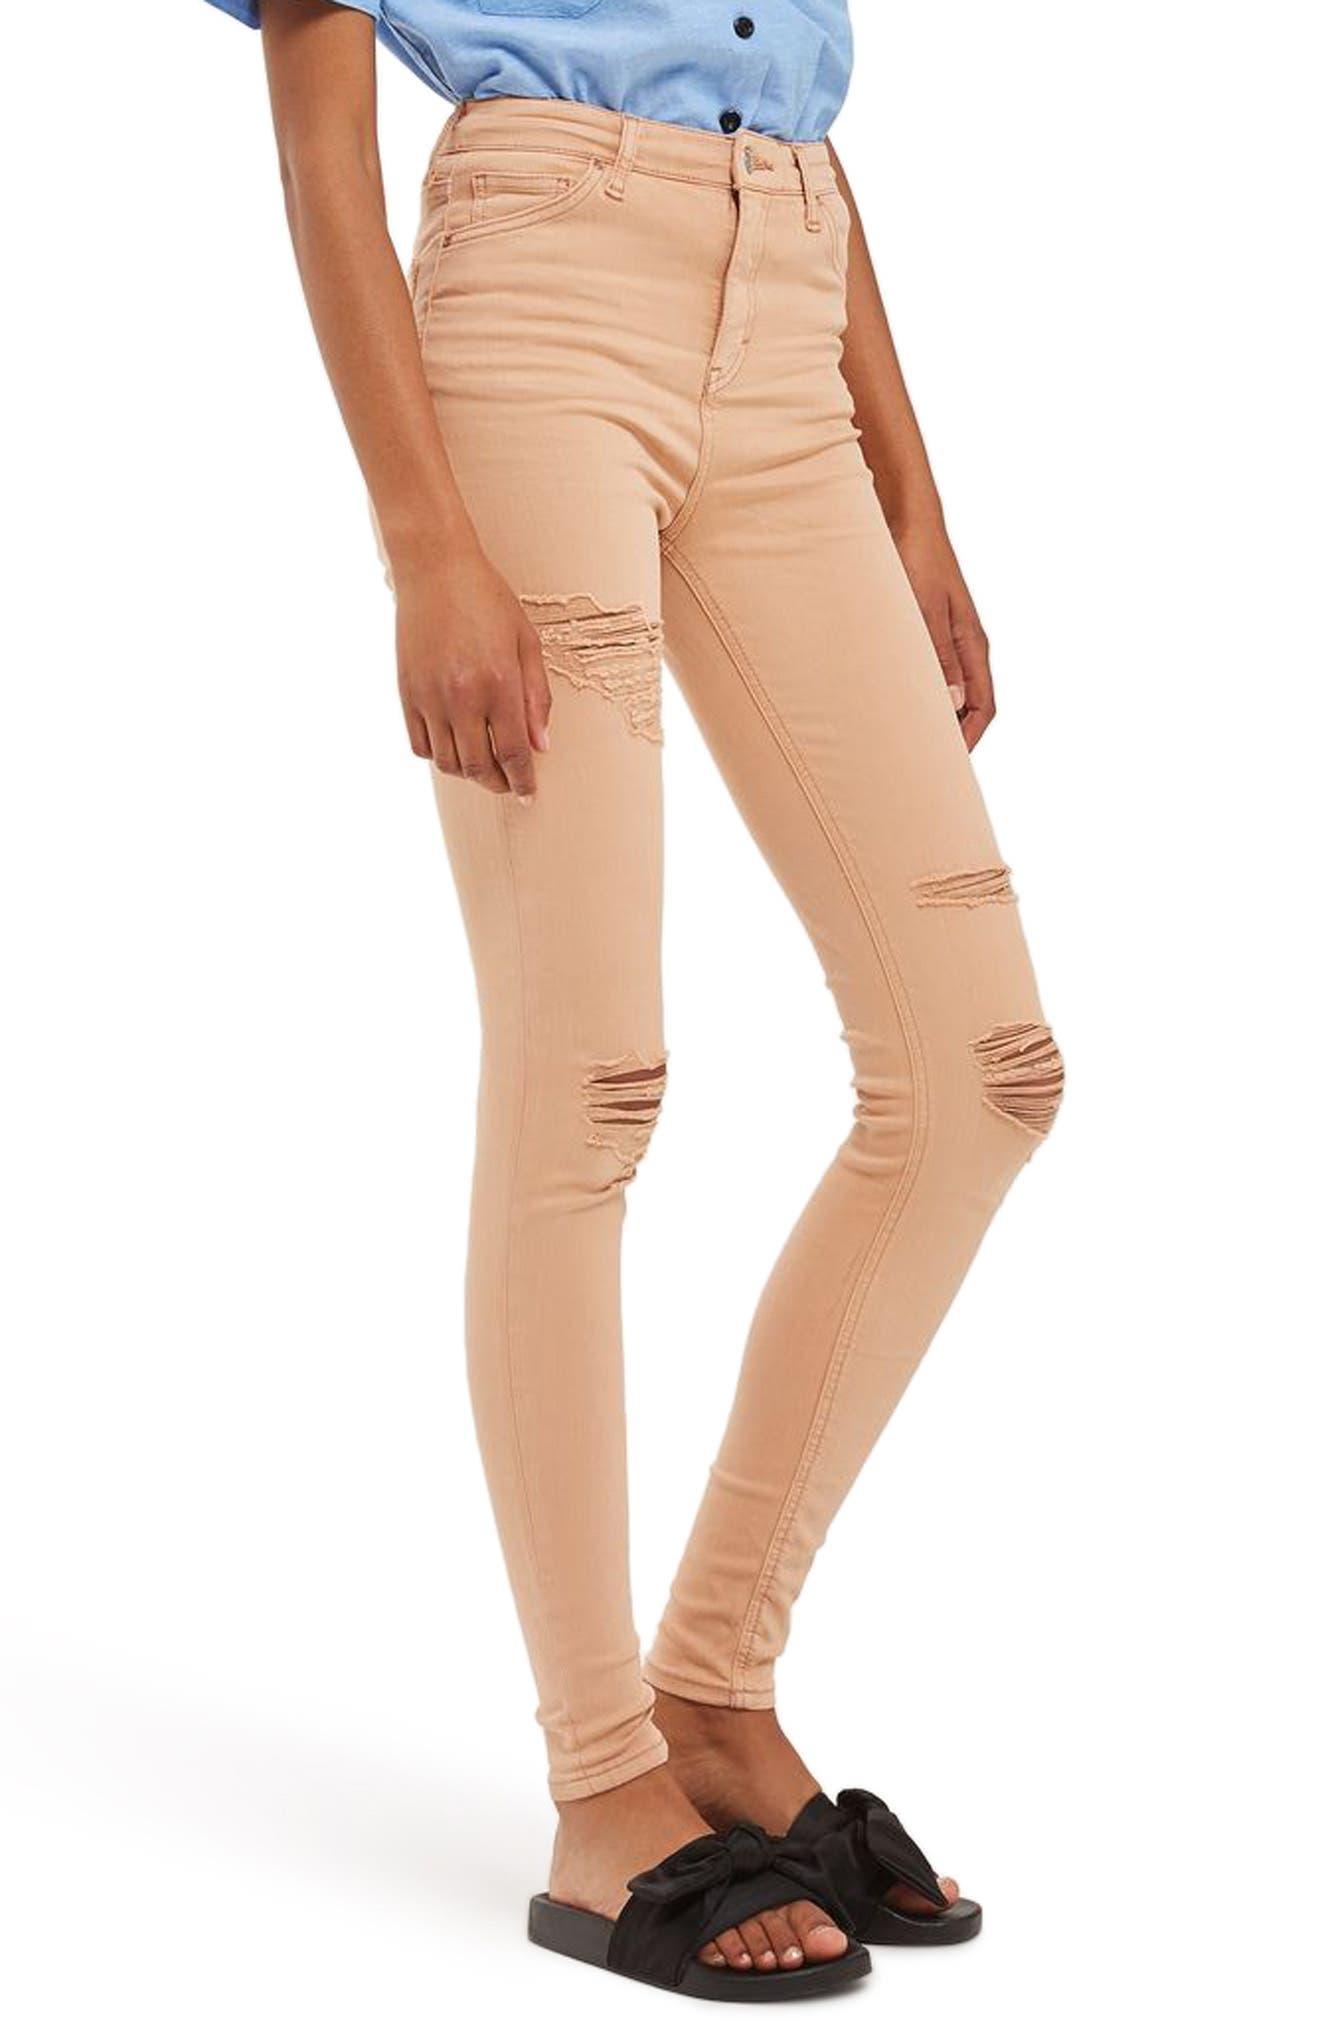 Topshop Jamie Super Rip Skinny Jeans